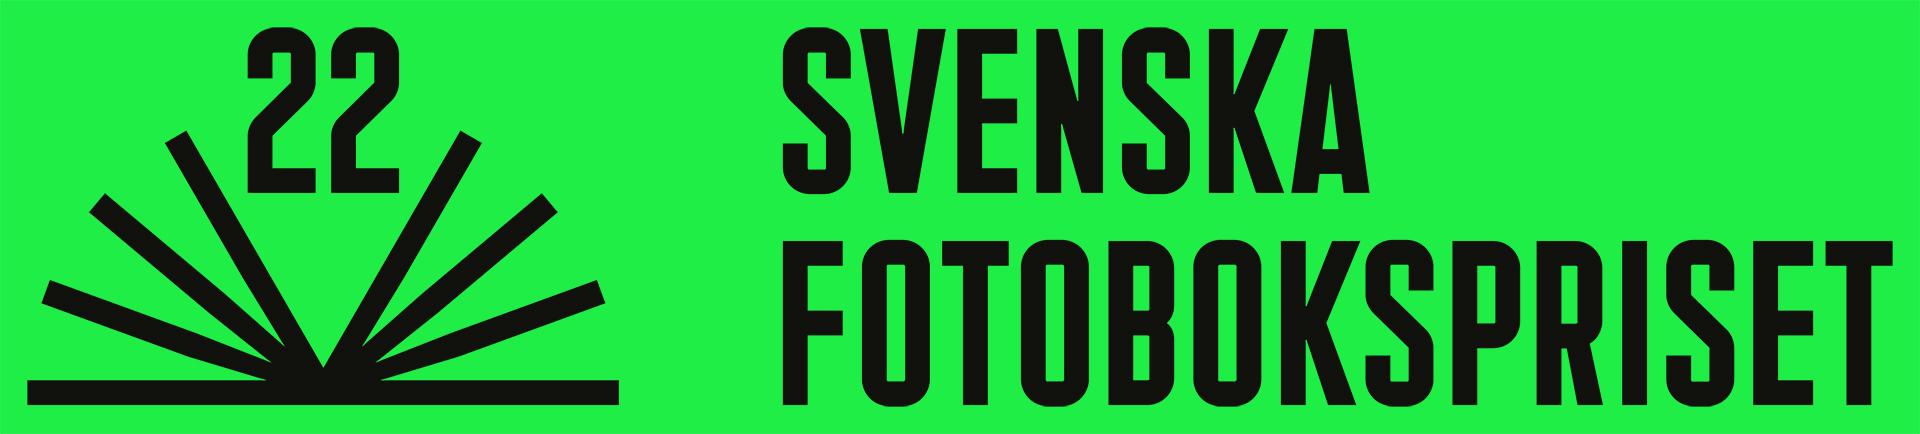 Svenska Fotobokspriset 2022